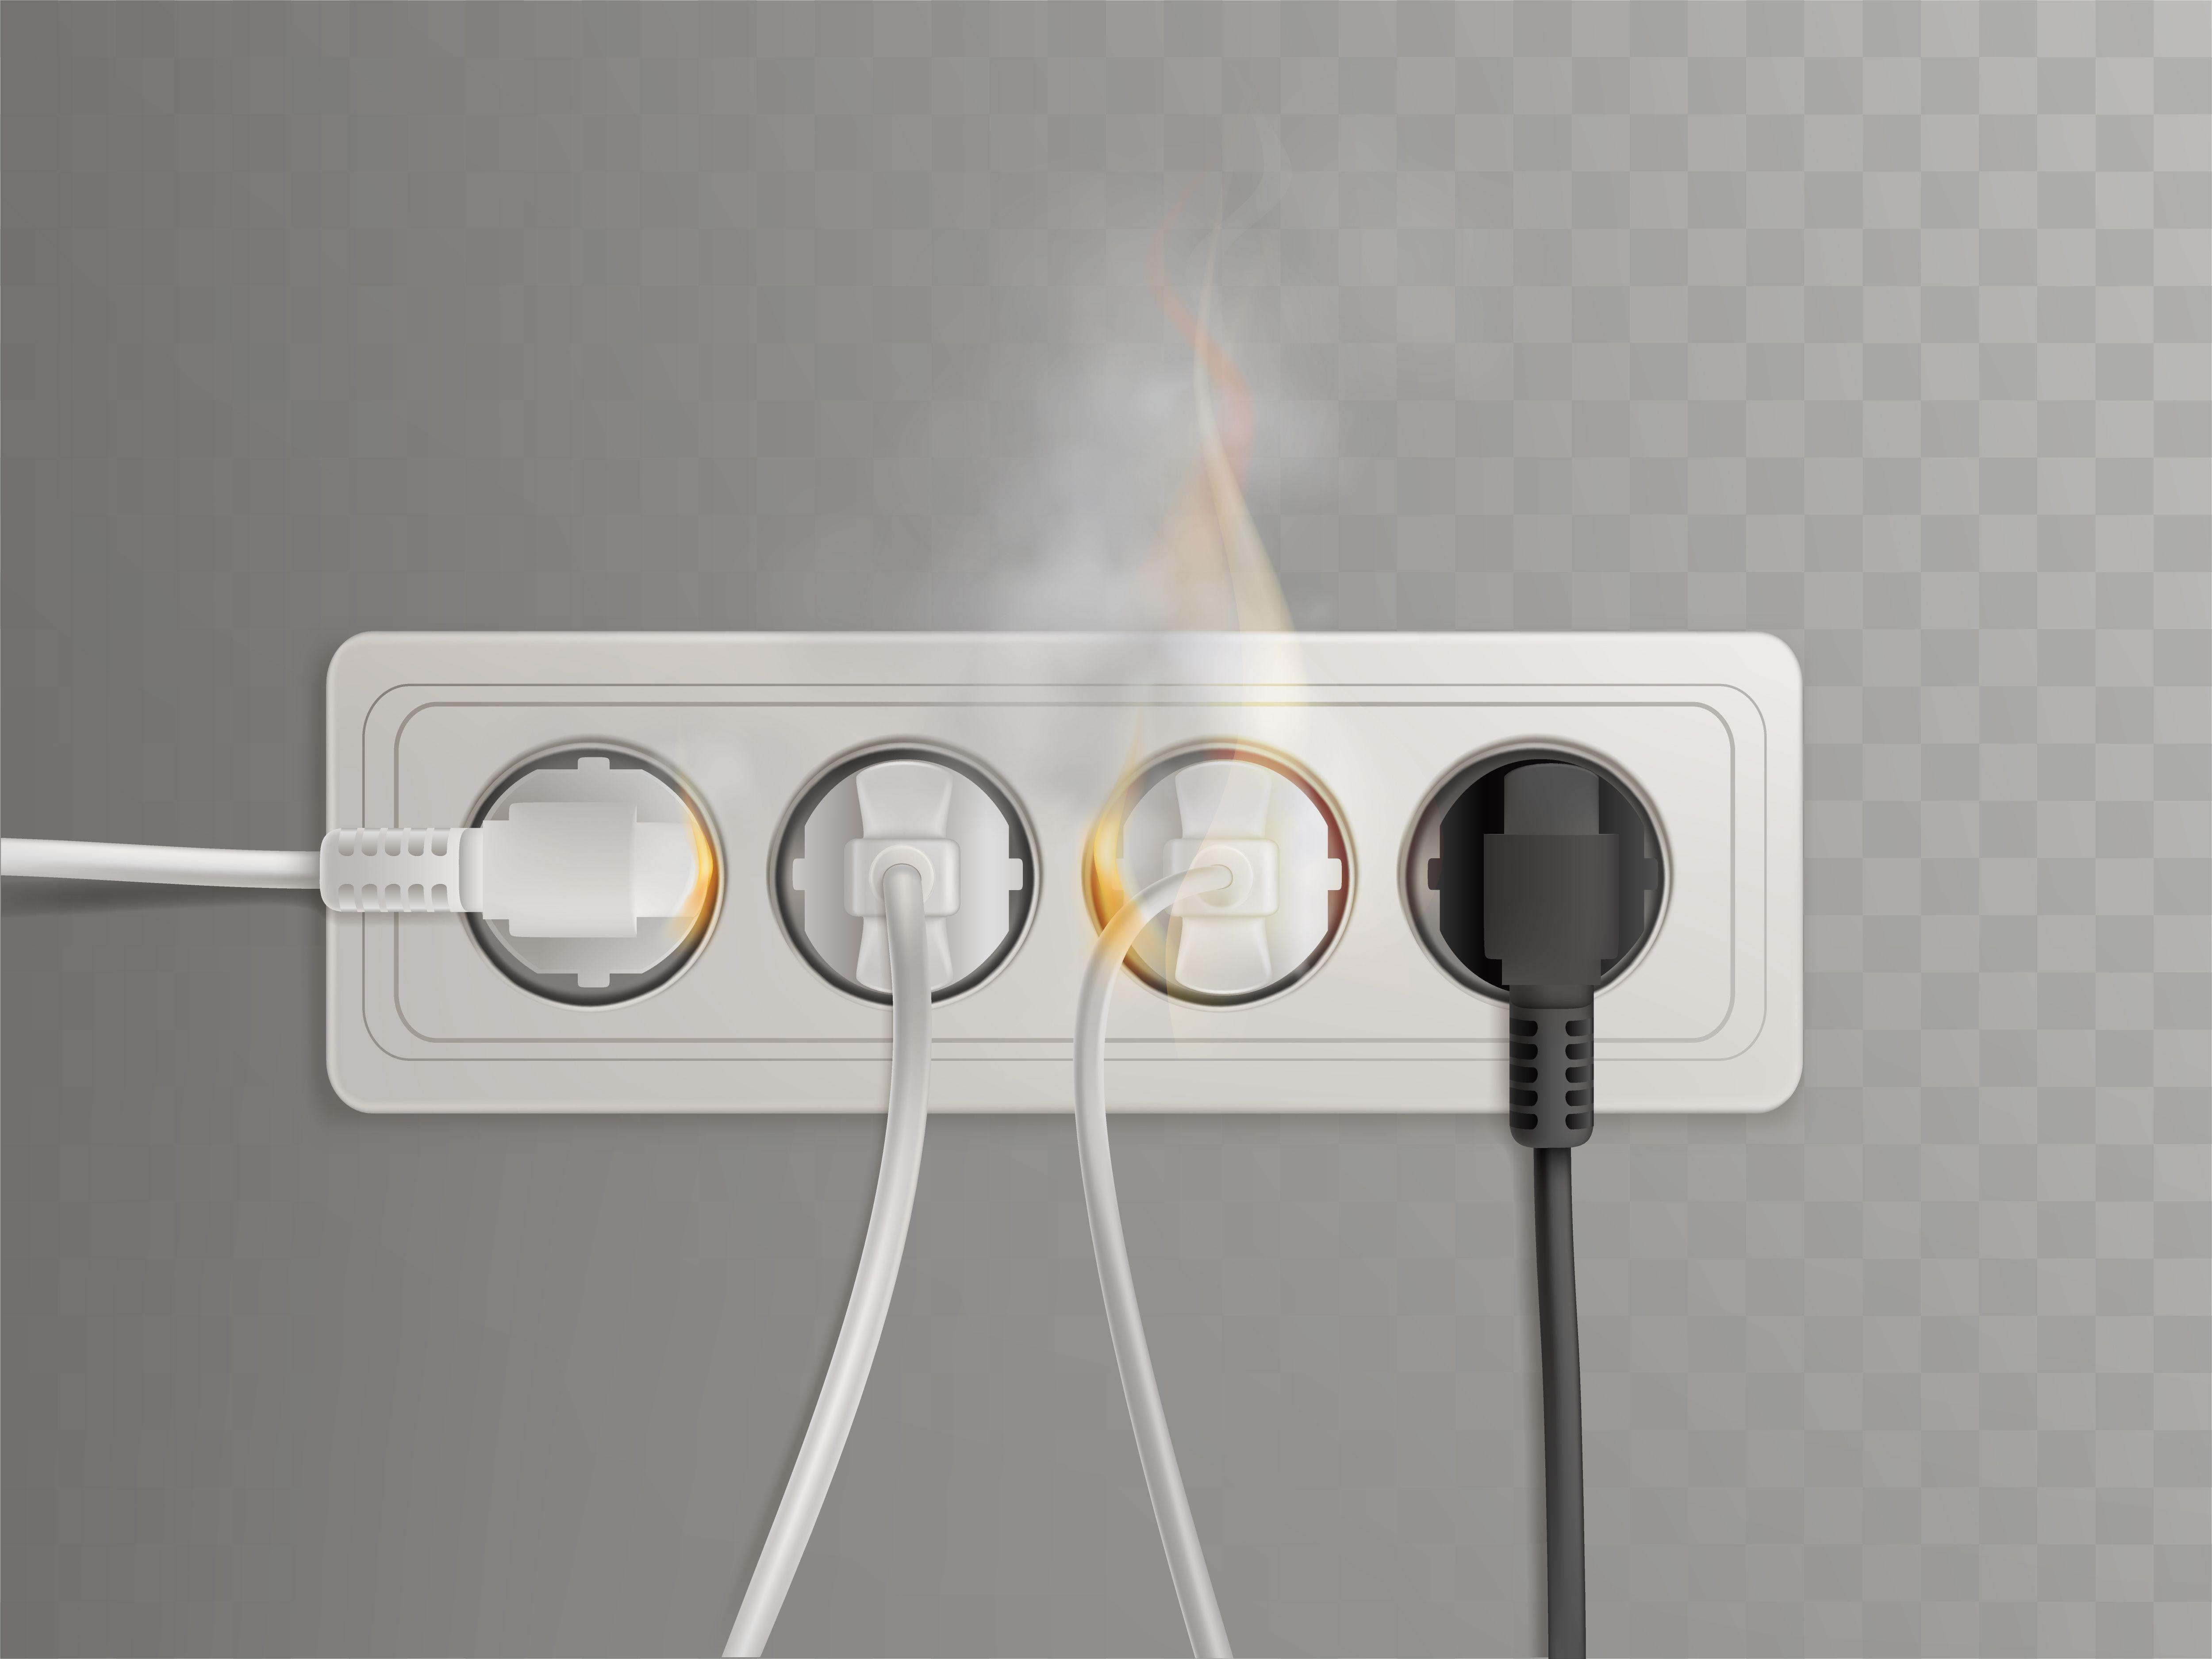 Coupure courant électrique